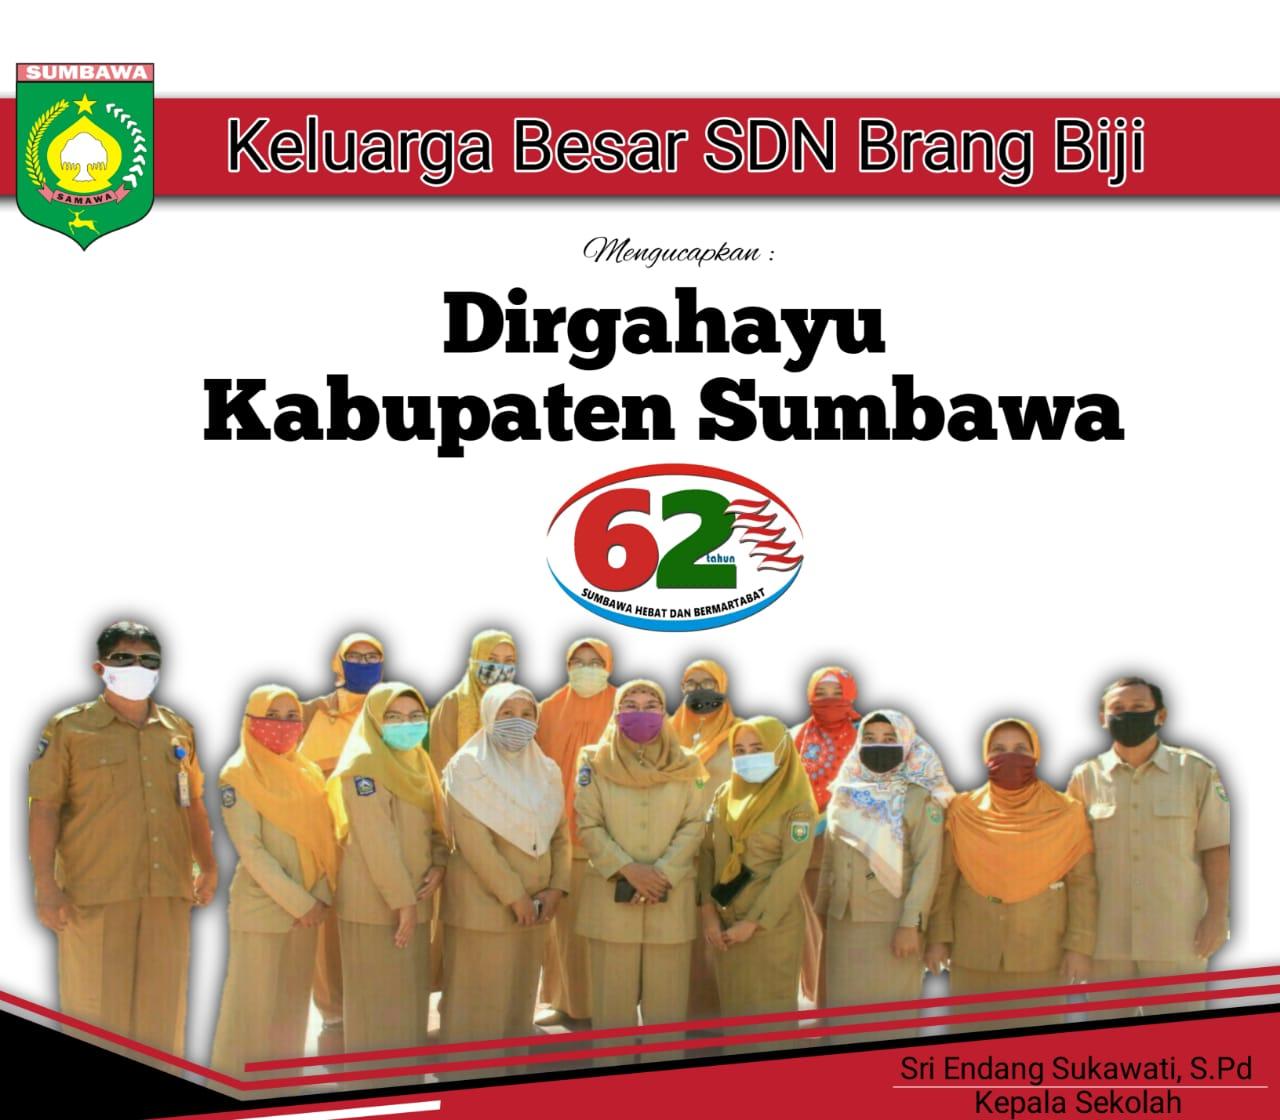 Keluarga Besar SDN Brang Biji Sumbawa Mengucapkan Selamat Ulang Tahun Kabupaten Sumbawa ke – 62